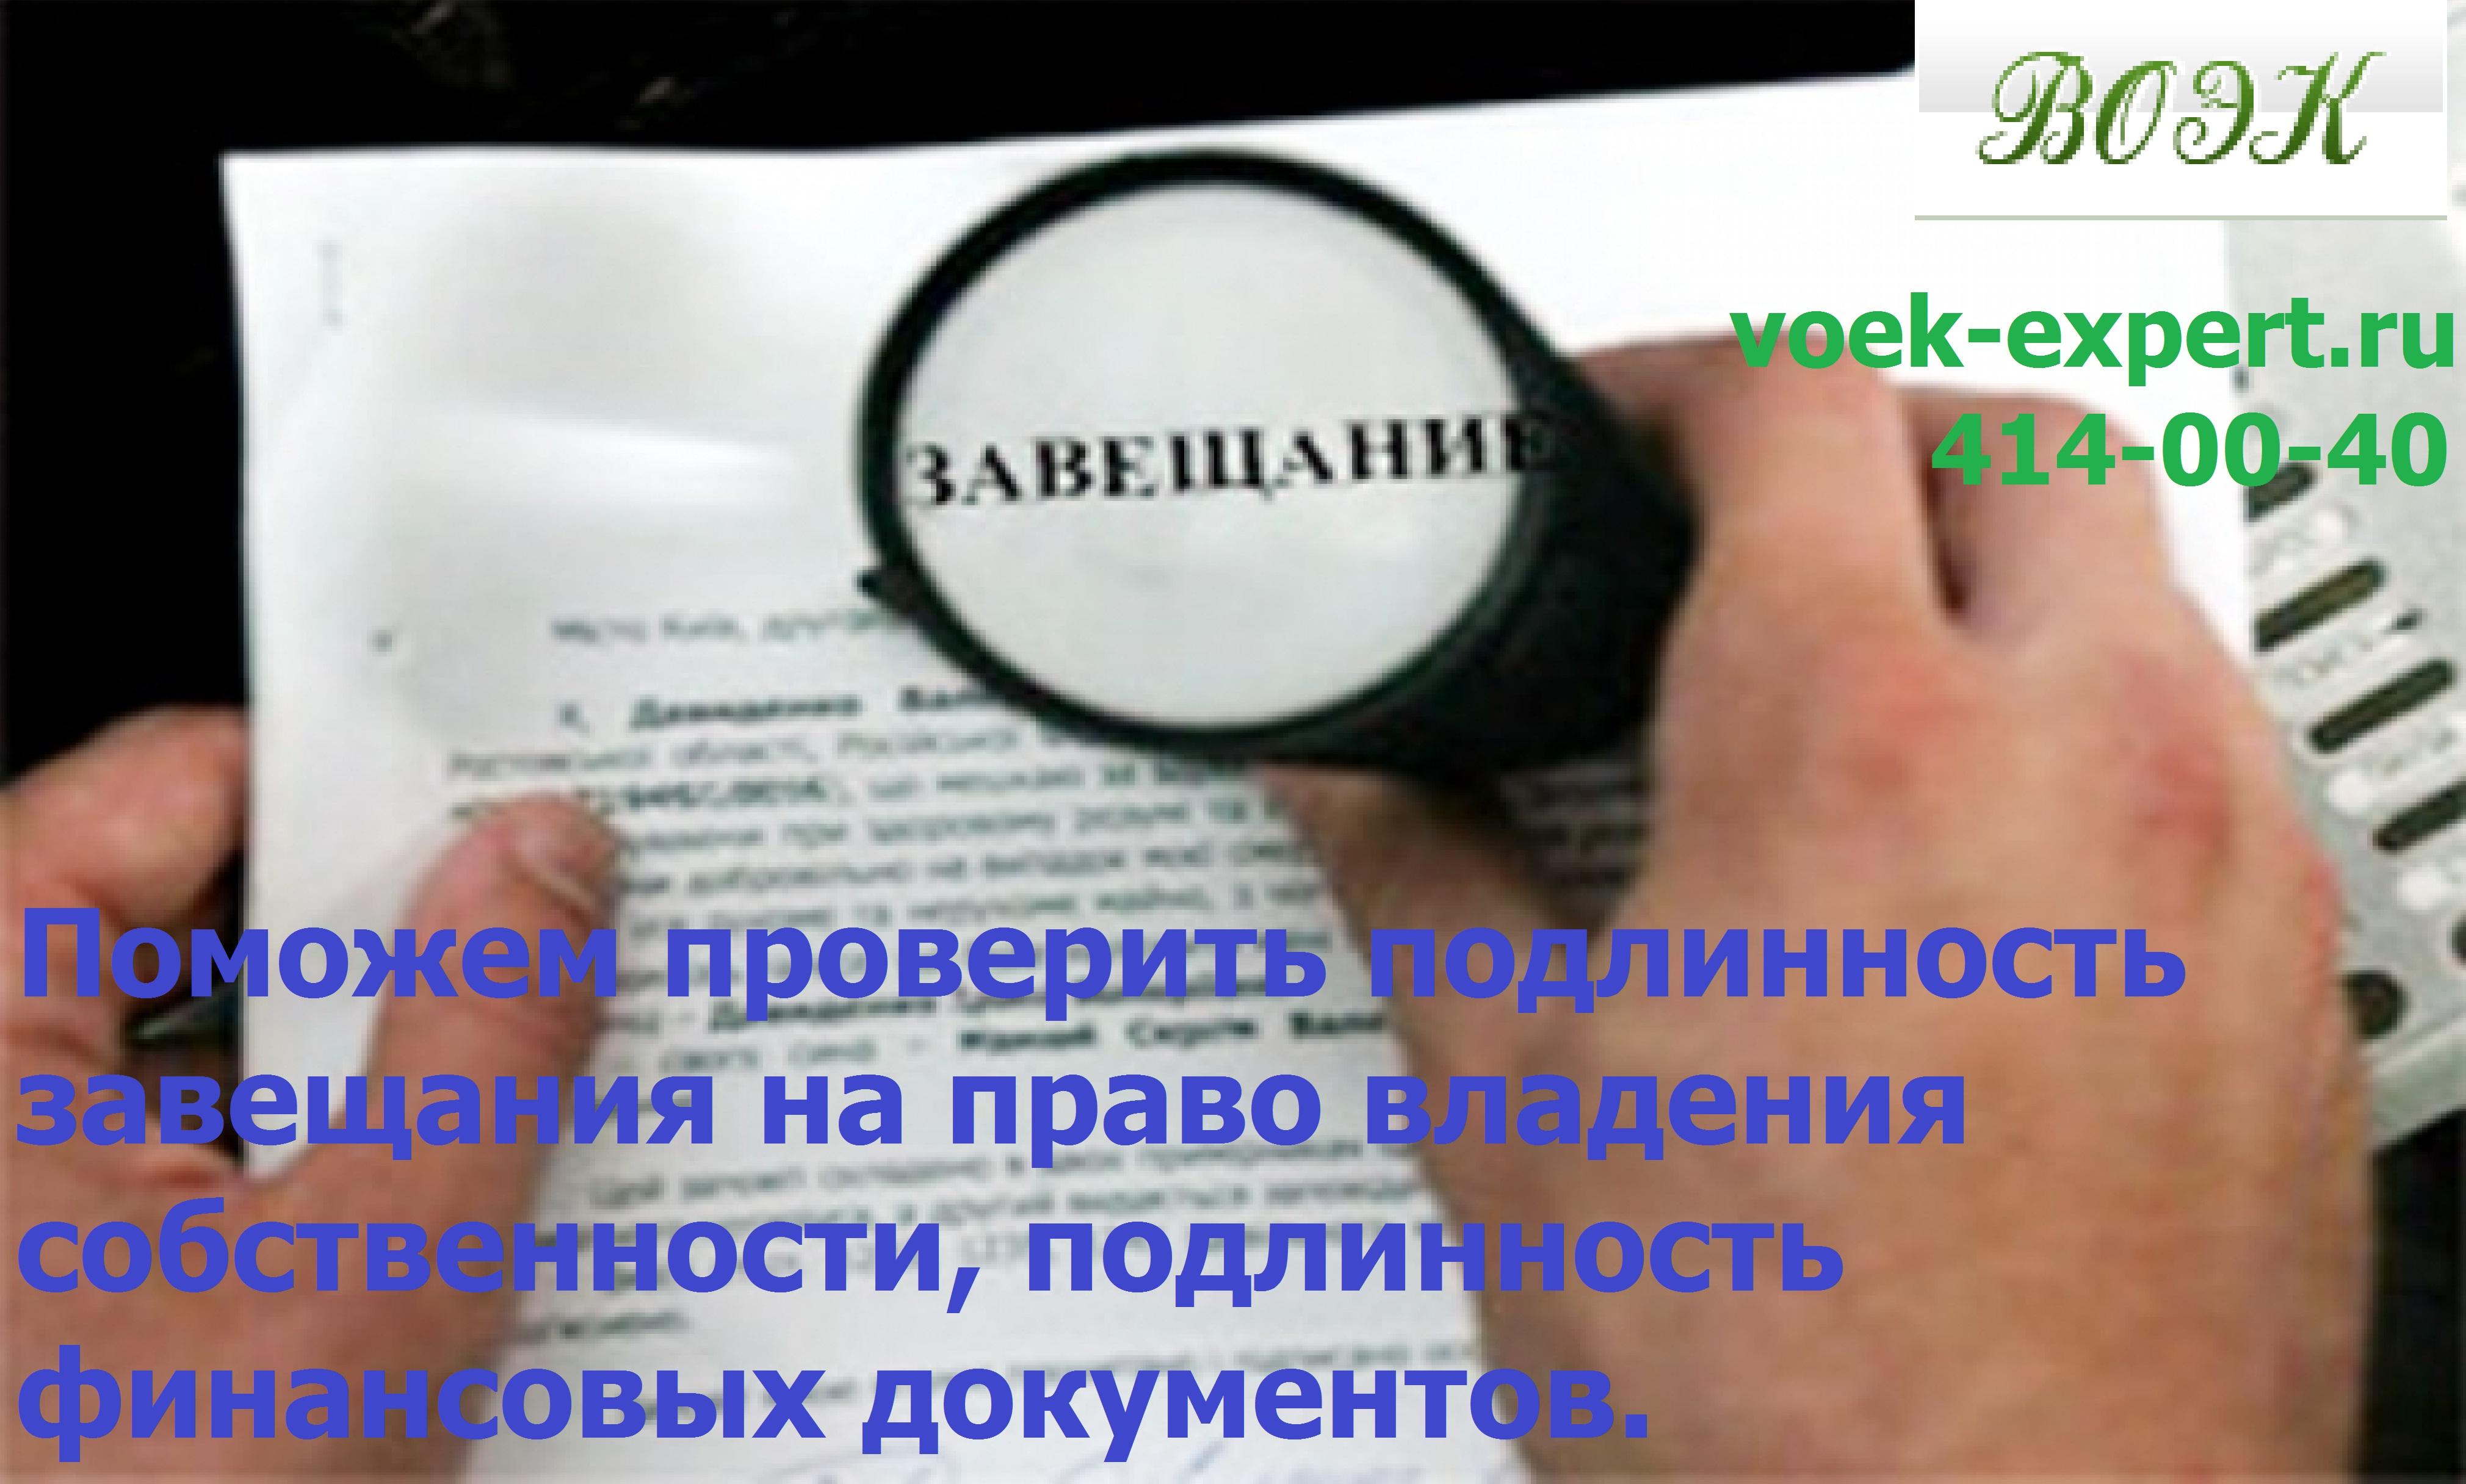 Подлинность документа